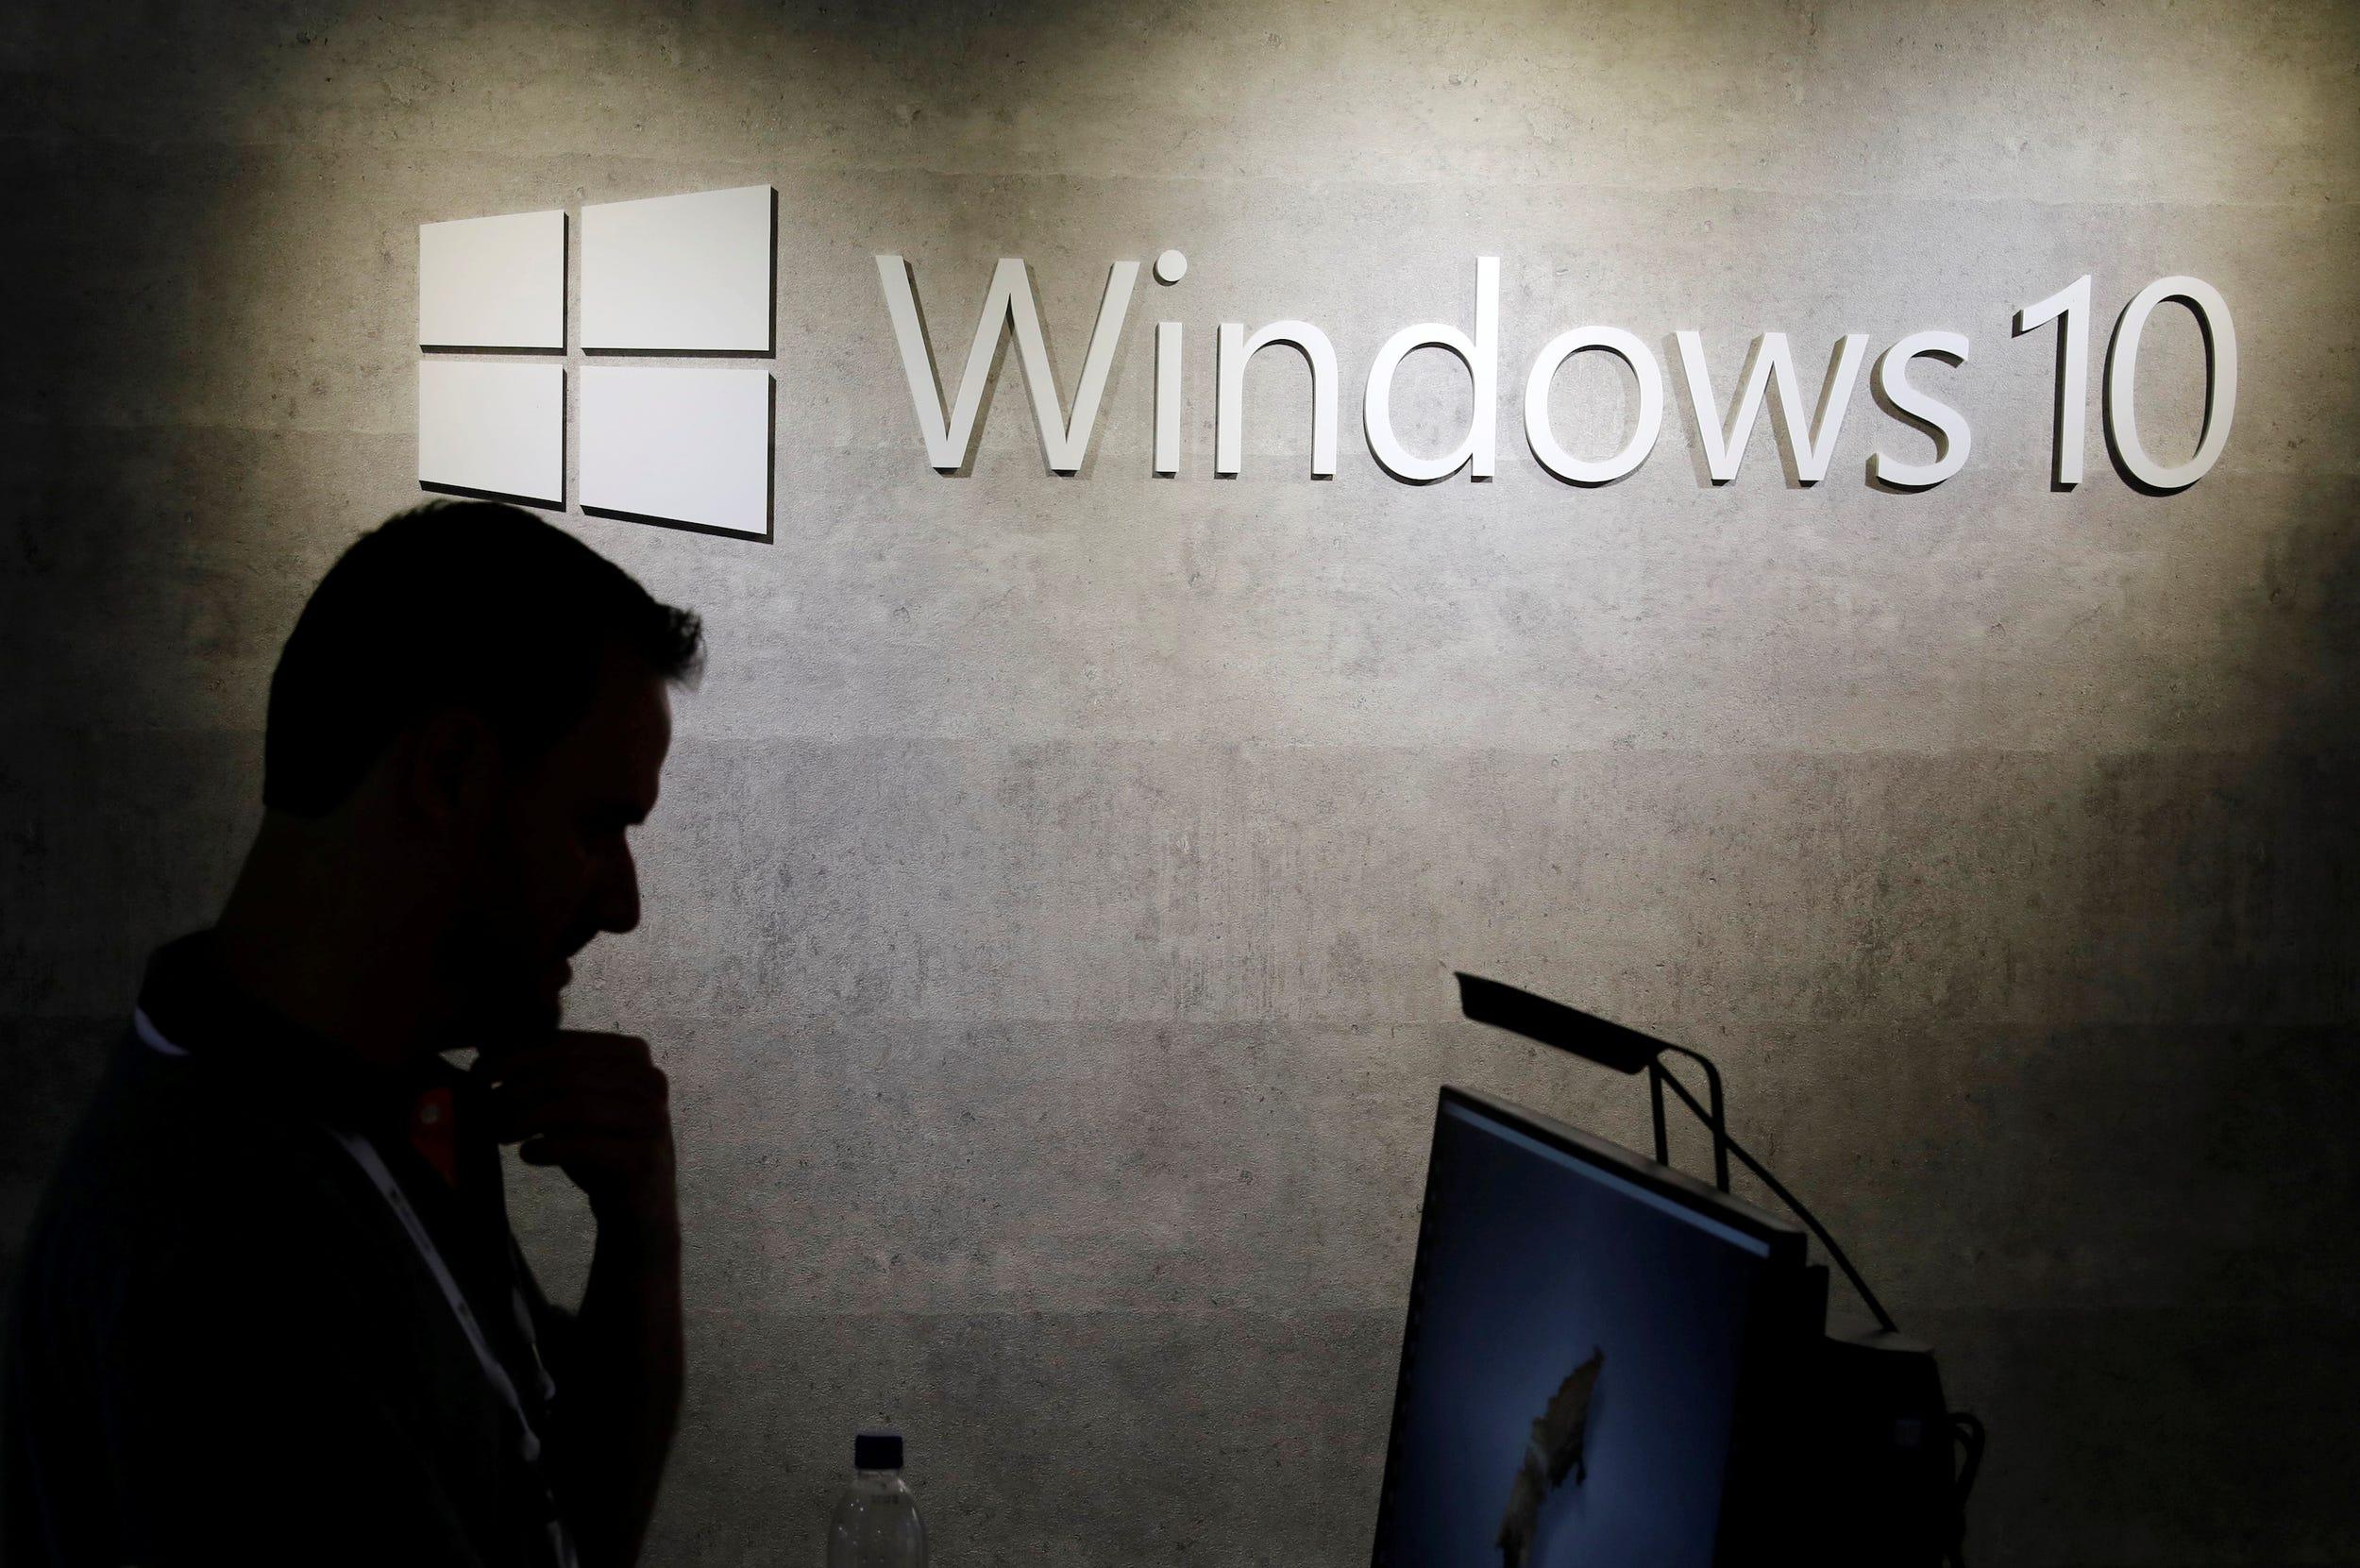 Cách chụp màn hình máy tính Windows 10 theo 3 cách khác nhau